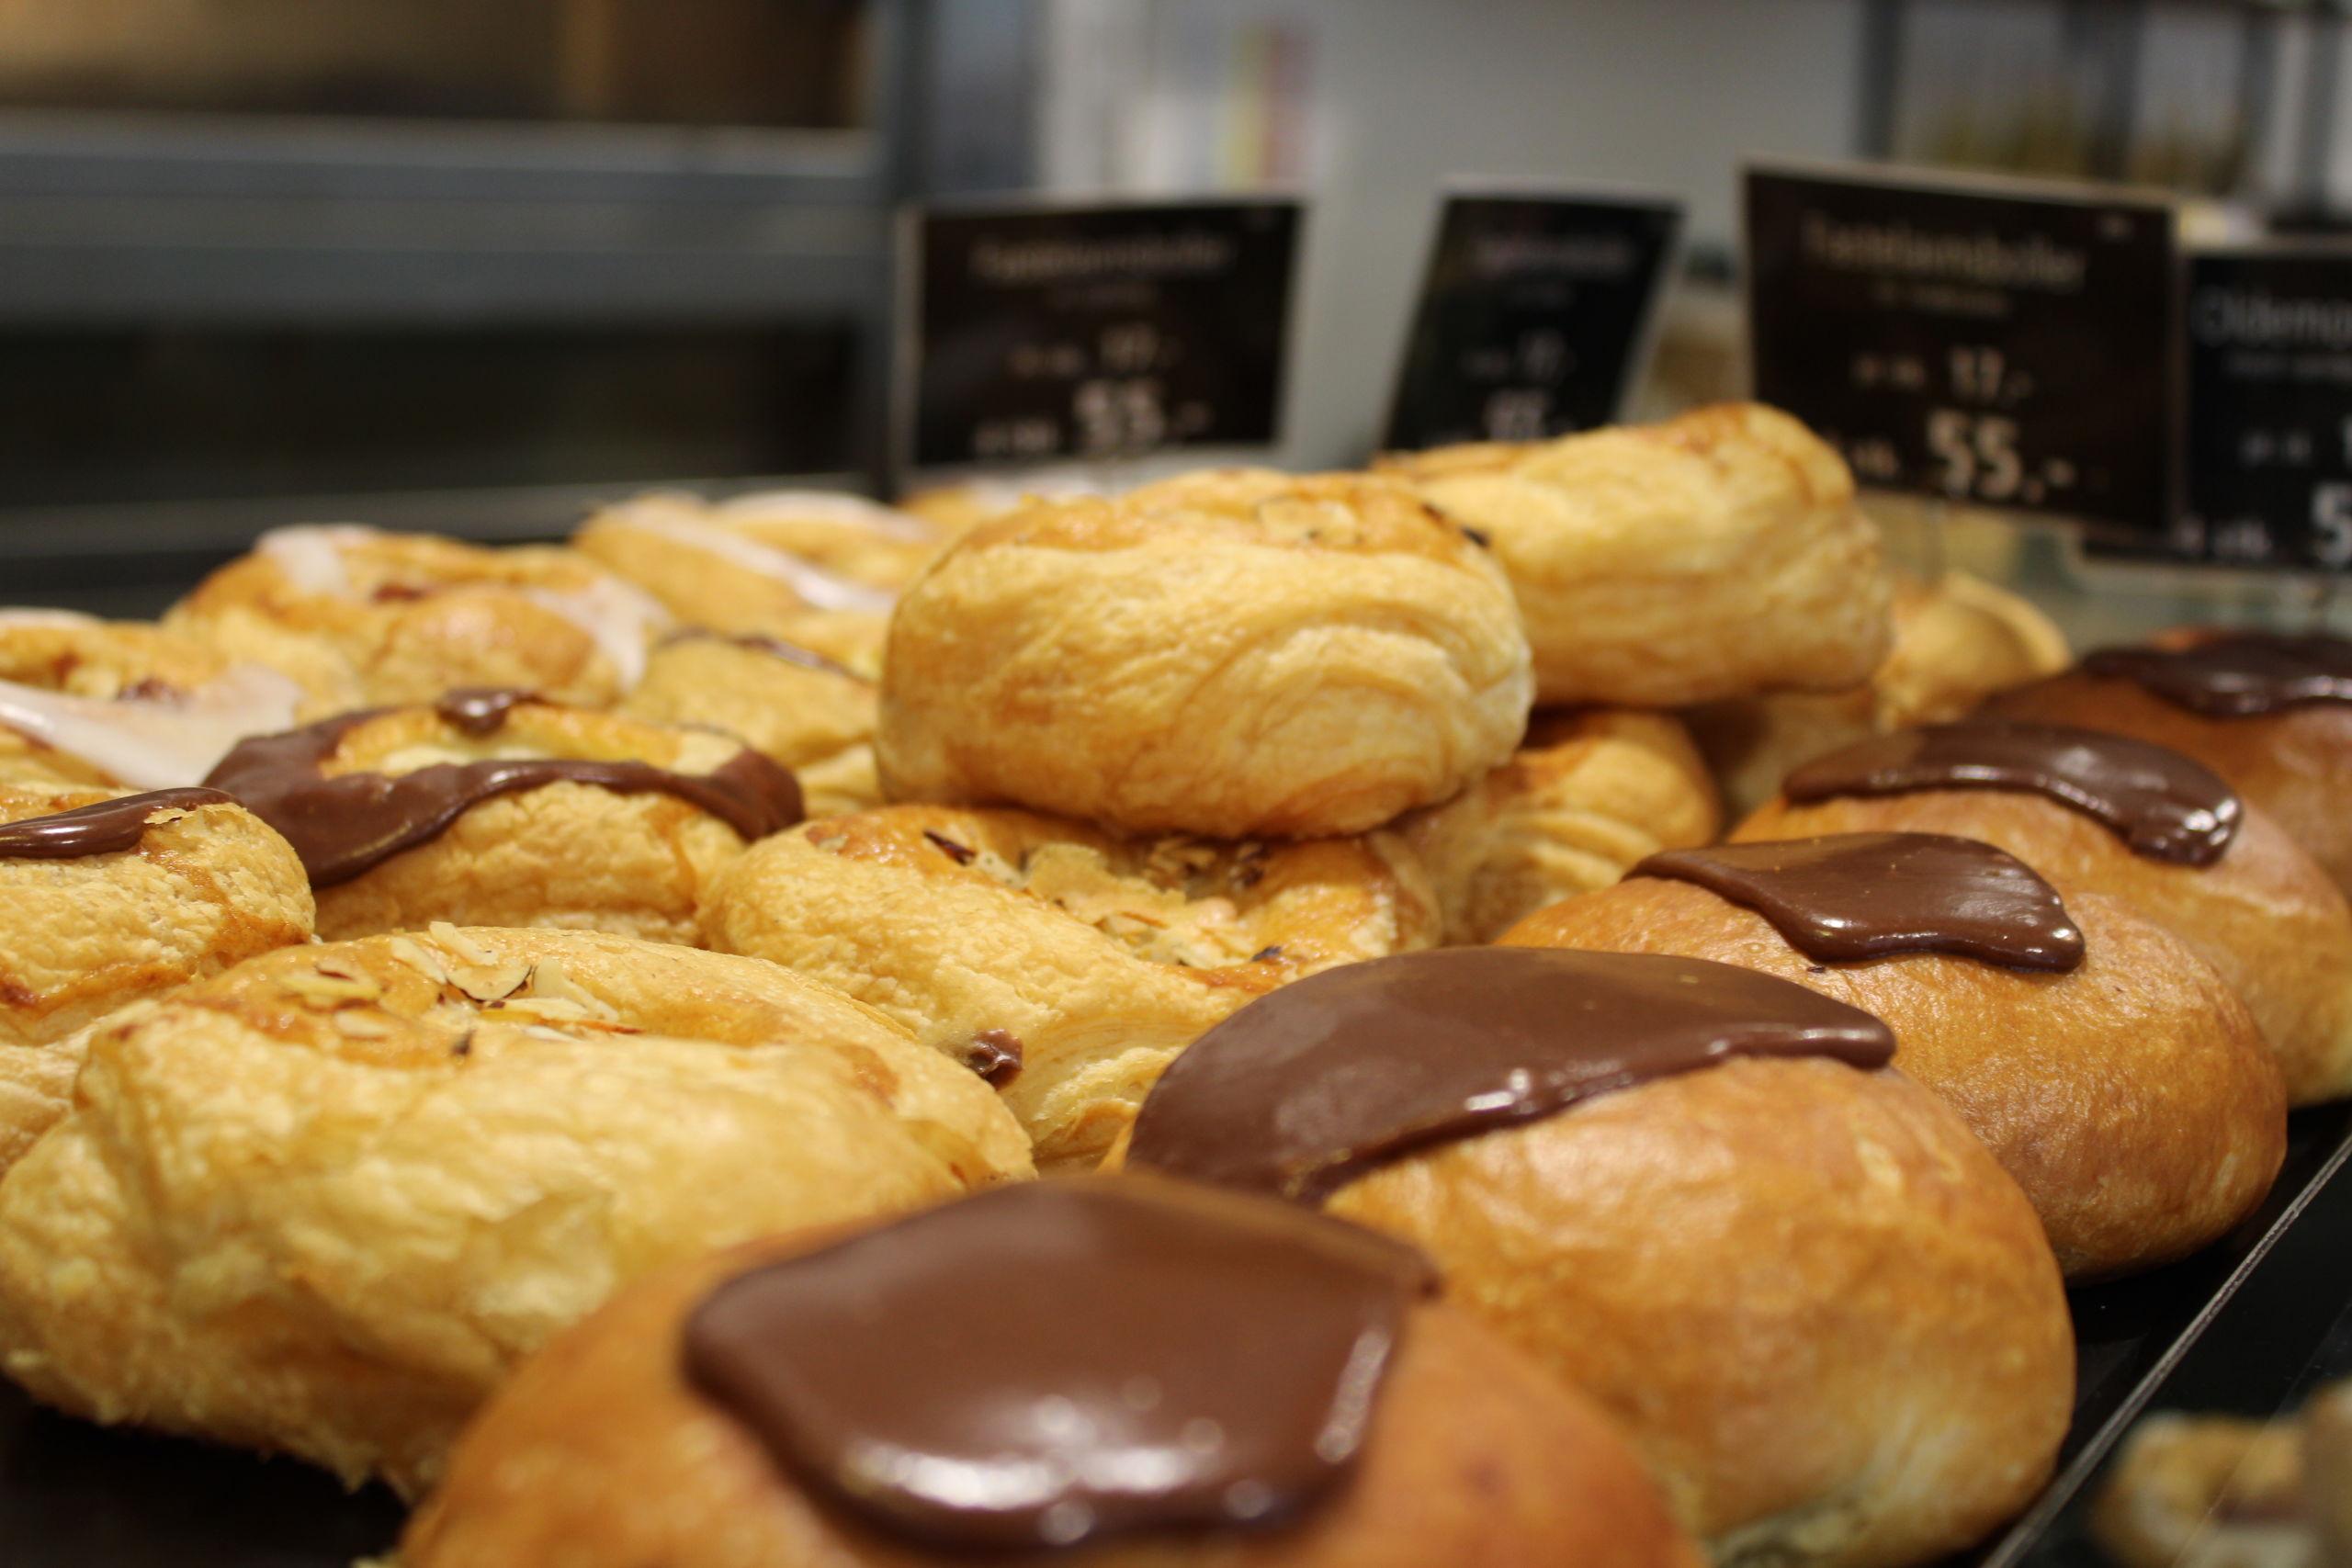 Sallings café i Algade byder på forskellige varianter af fastelavnsboller fra stormagasinets bageri. Foto: Pauline Vink